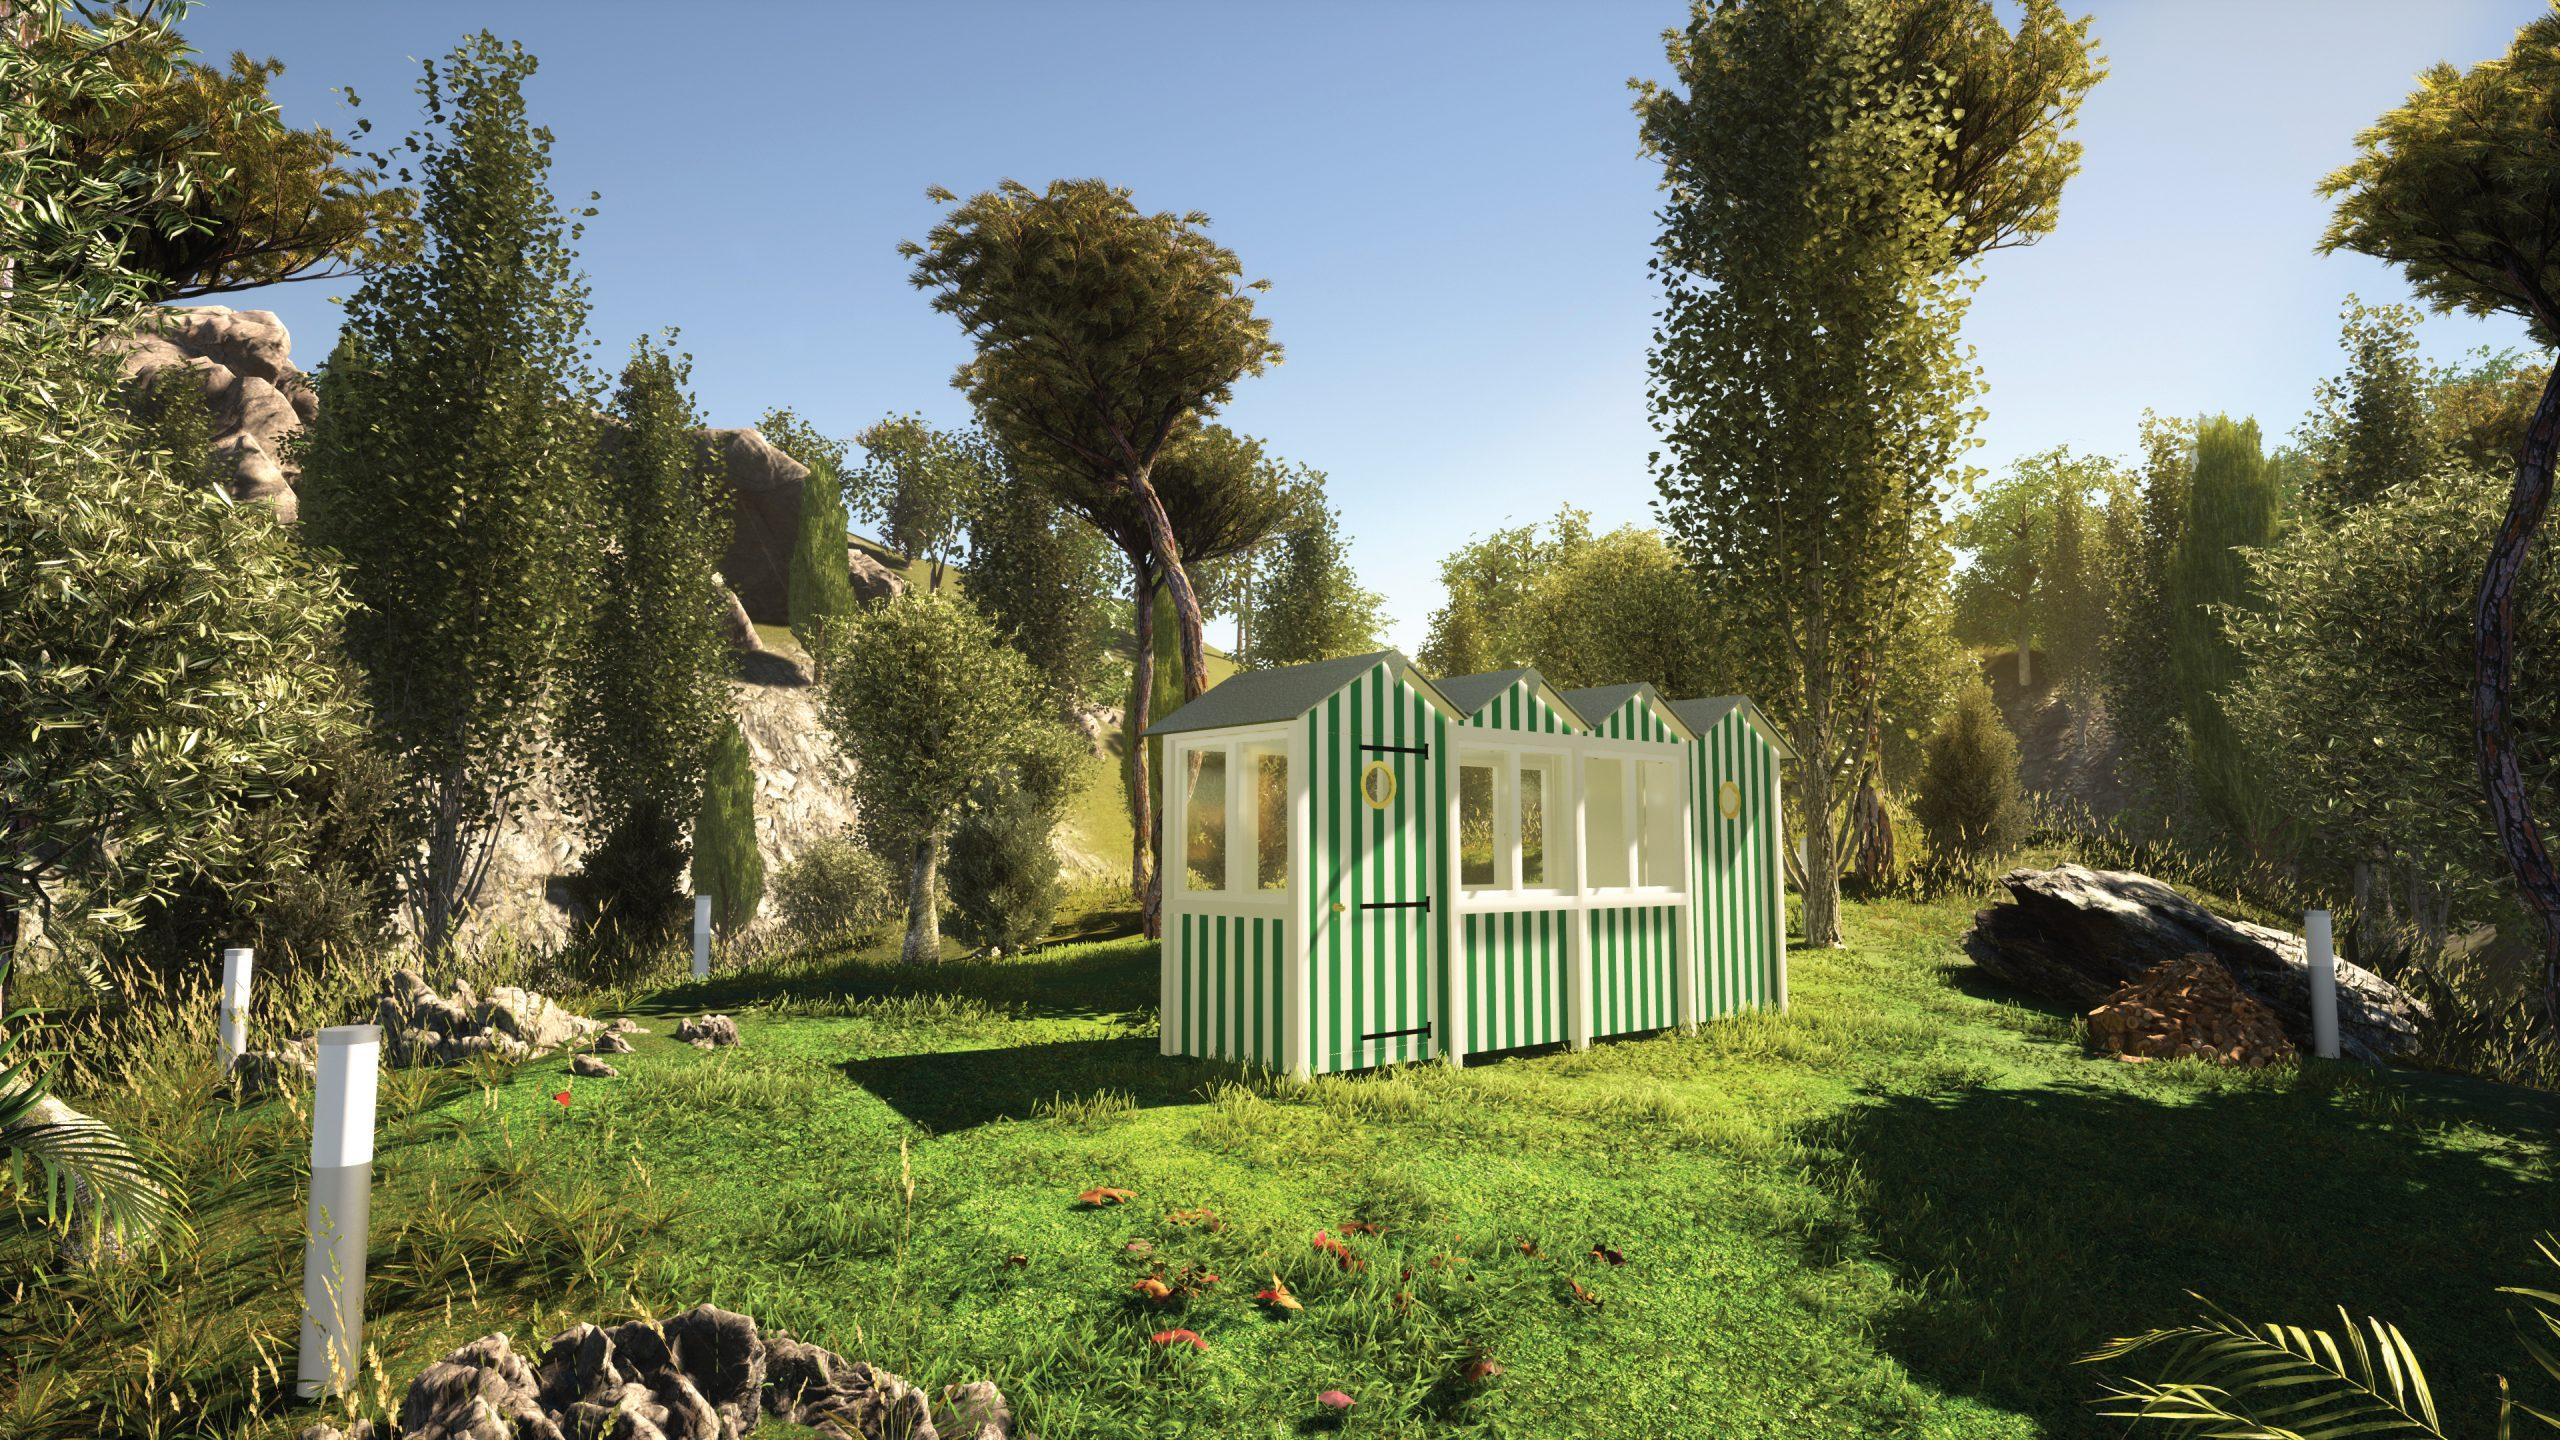 Les Petites Maisons de l'Isle : Des cabanons en bois de grande qualité, 100 % made in France